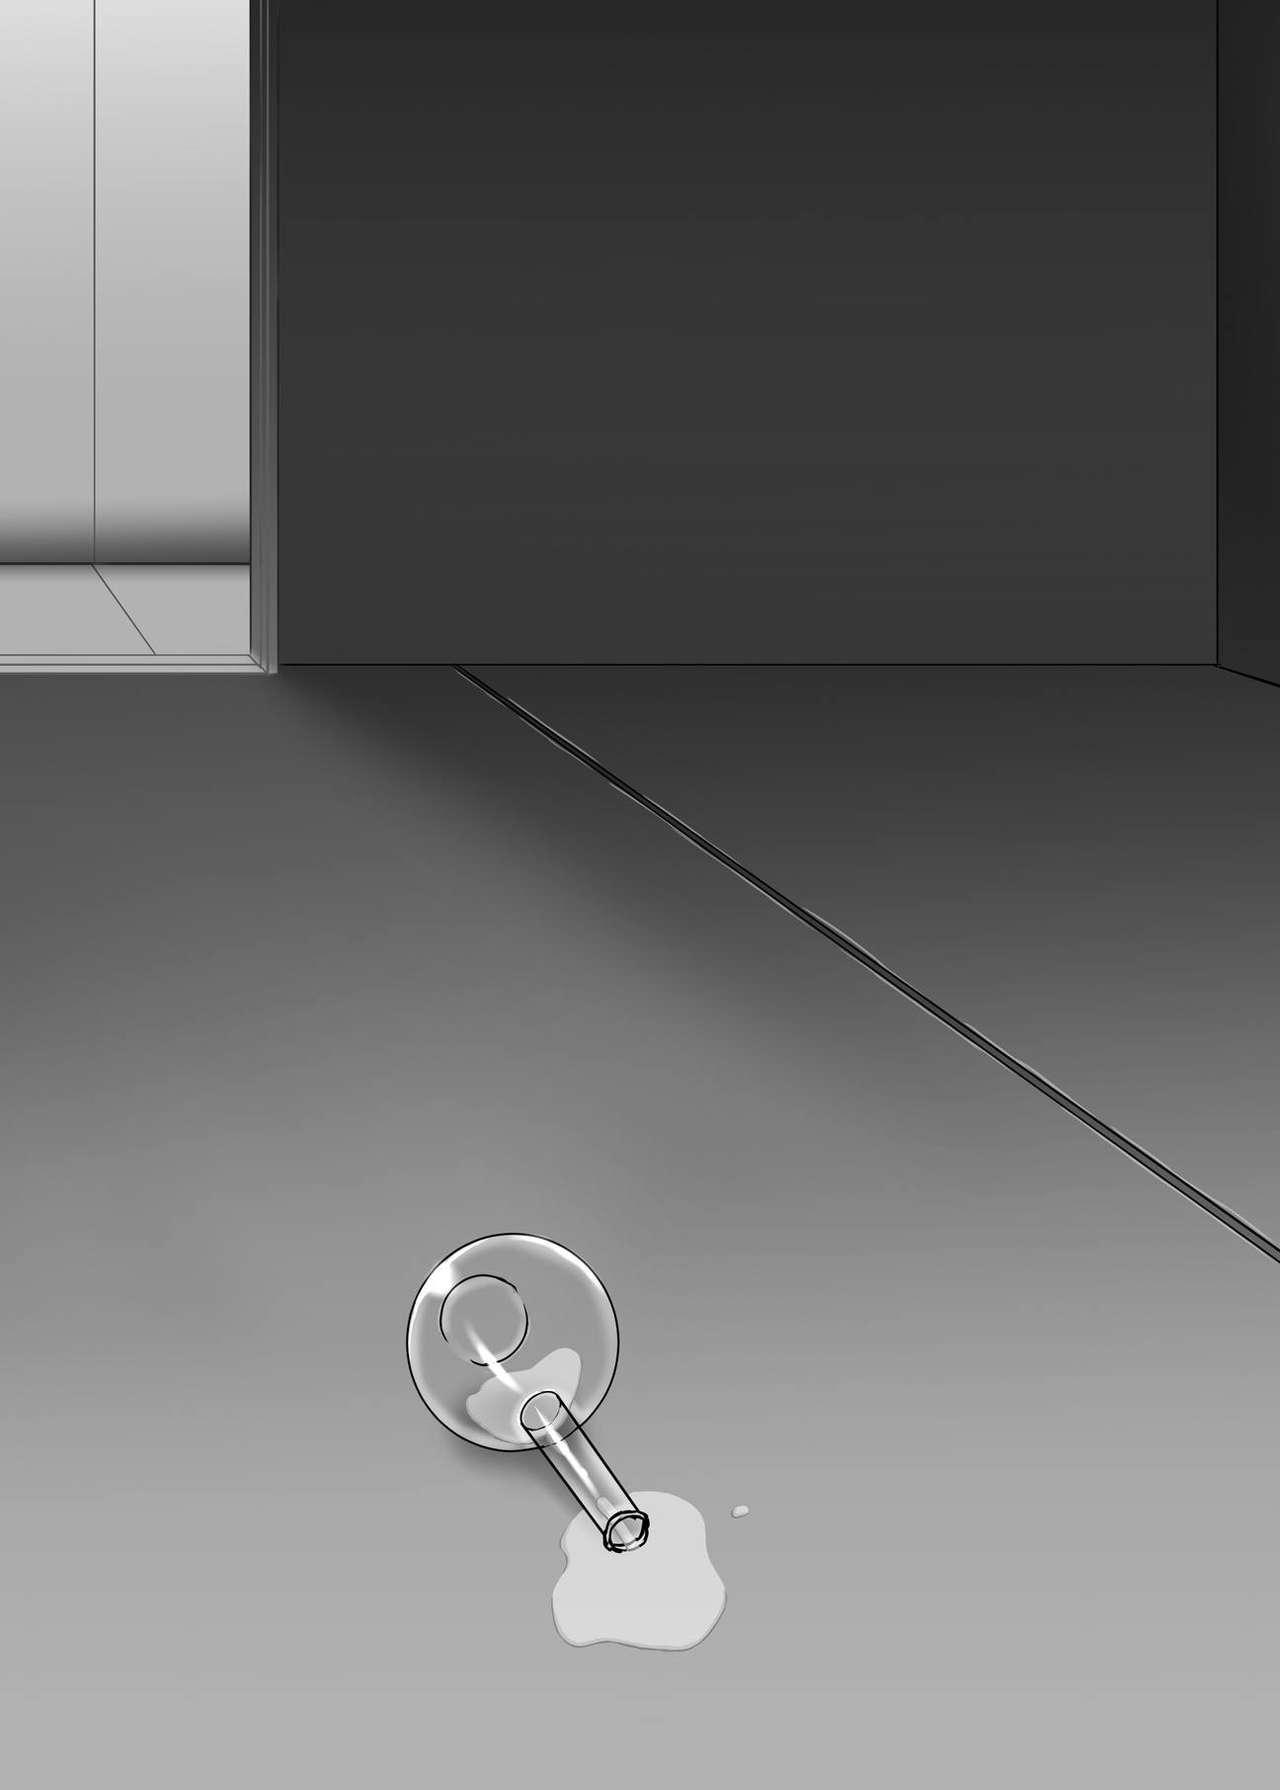 Kore koso ga Futanari Mokushiroku 19